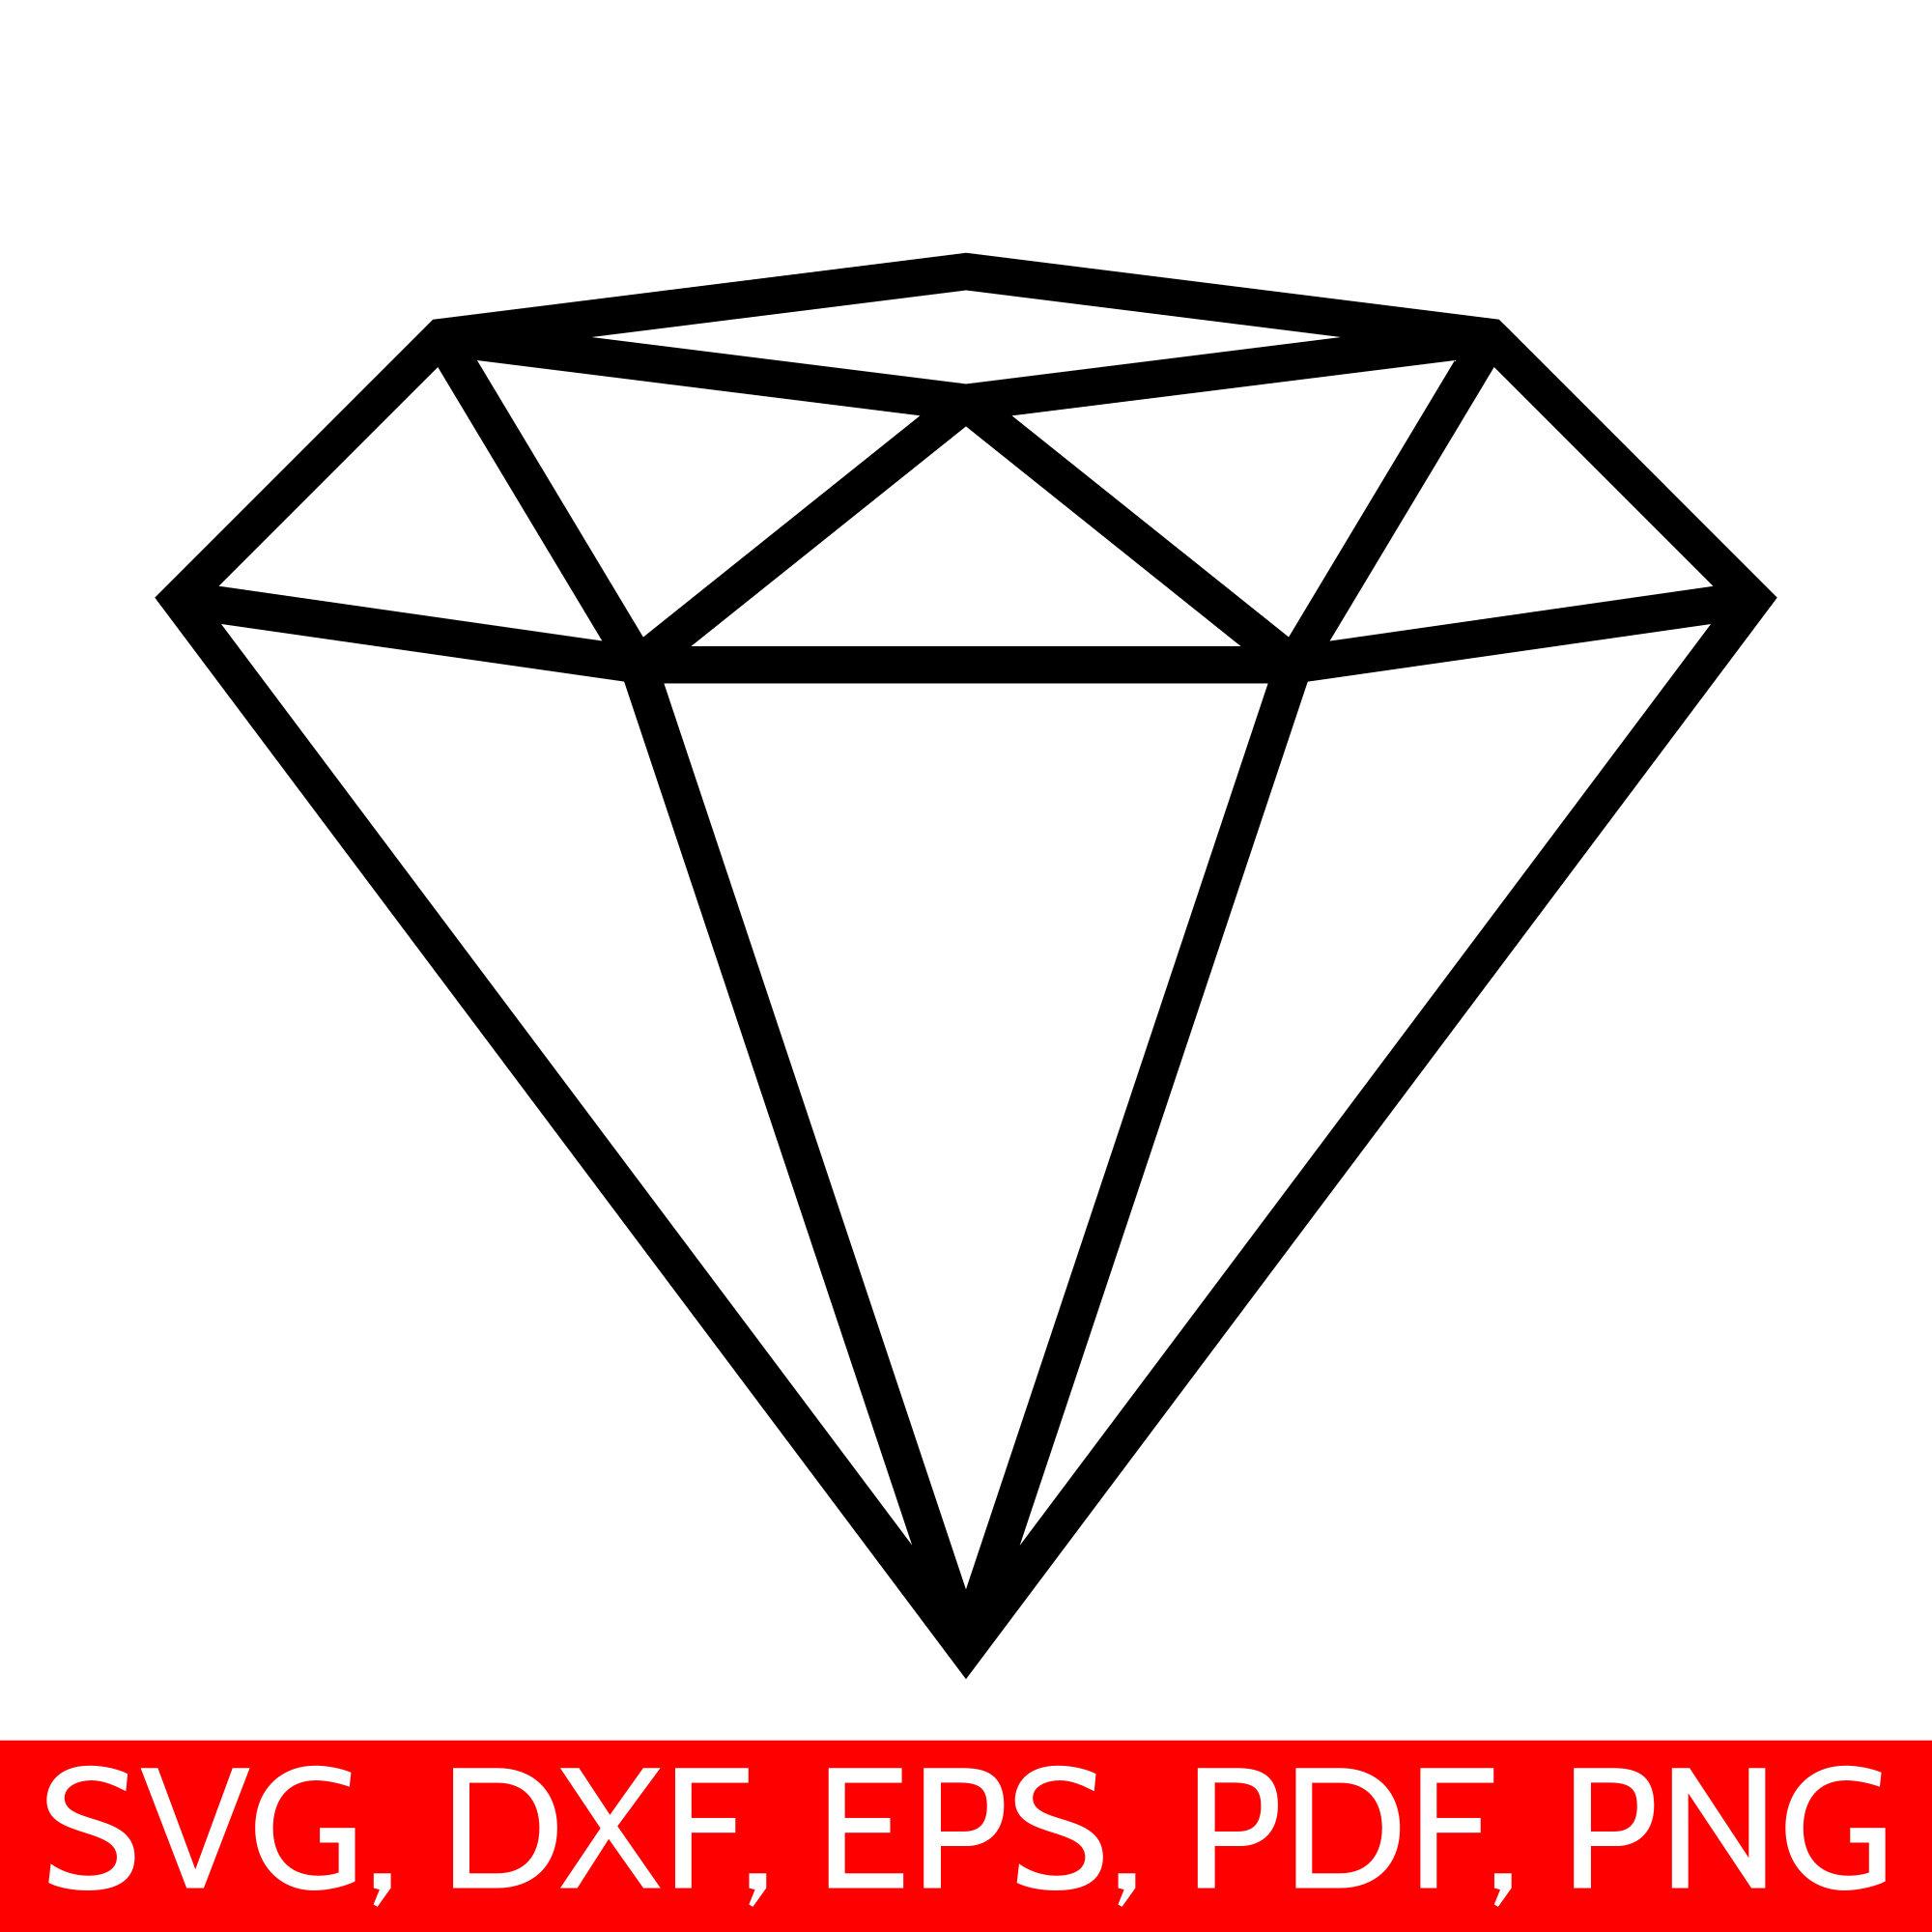 Svg file for cricut. Diamond clipart silhouette